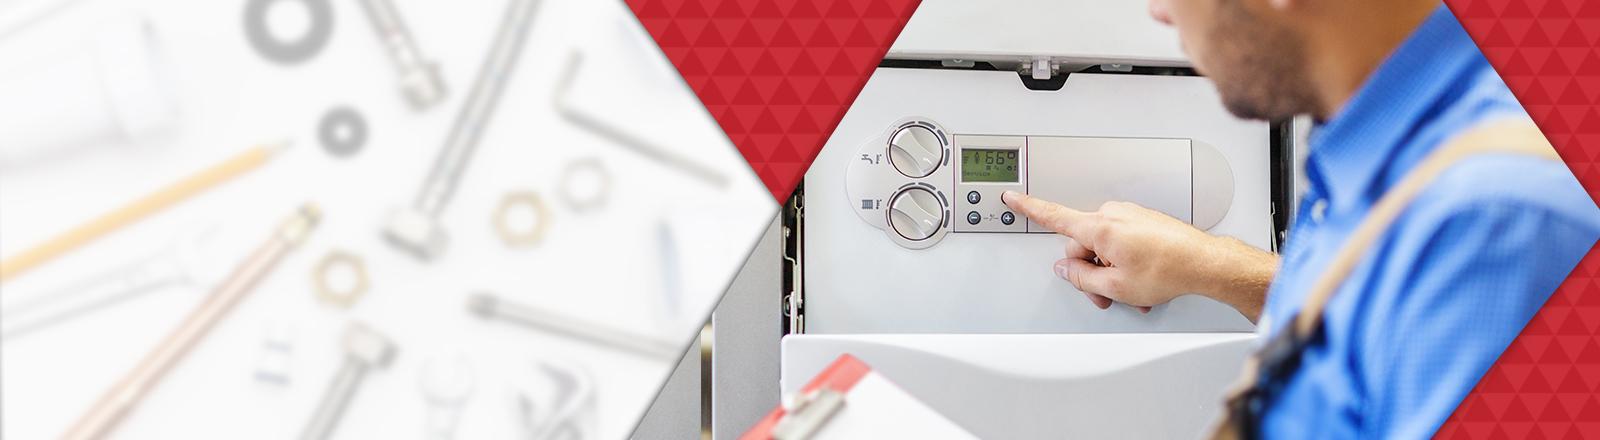 Boiler Servicing Islington